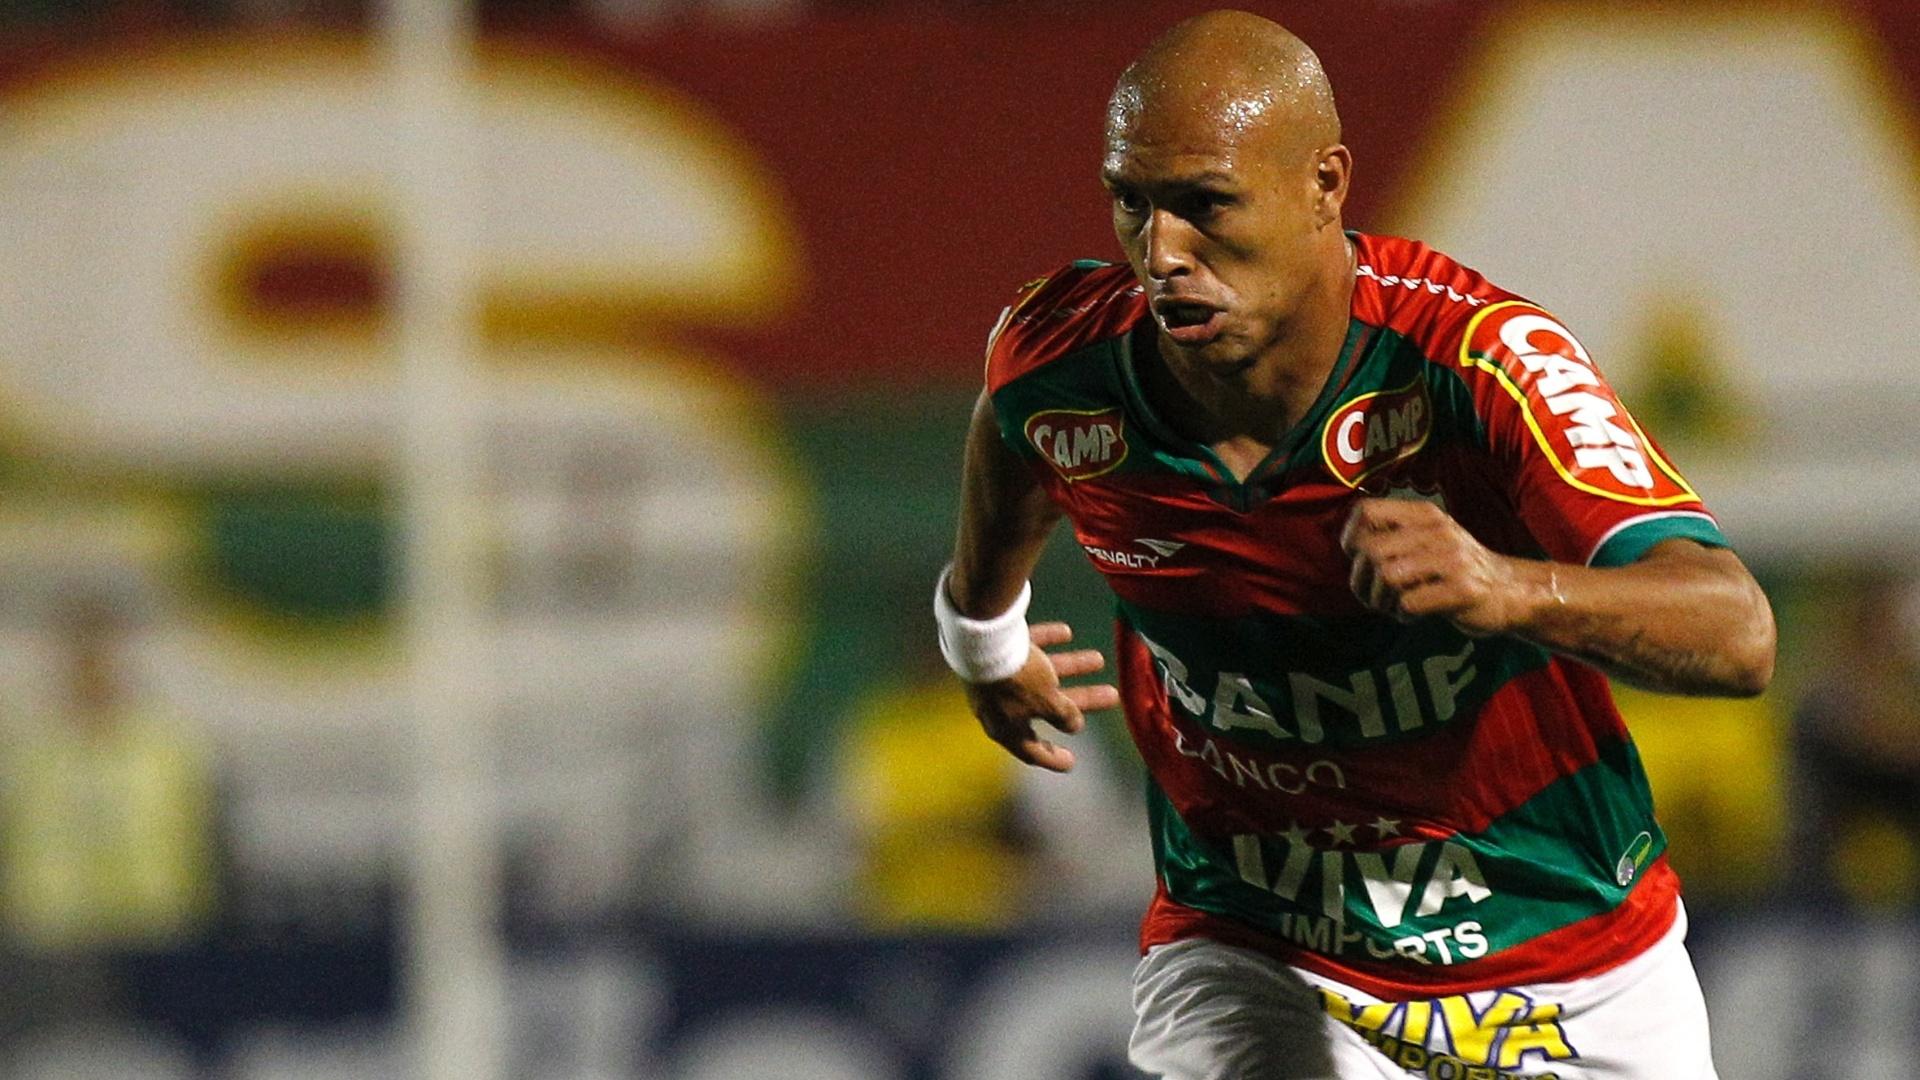 Edno tenta iniciar jogada de ataque para a Portuguesa durante jogo contra o Sport no Canindé